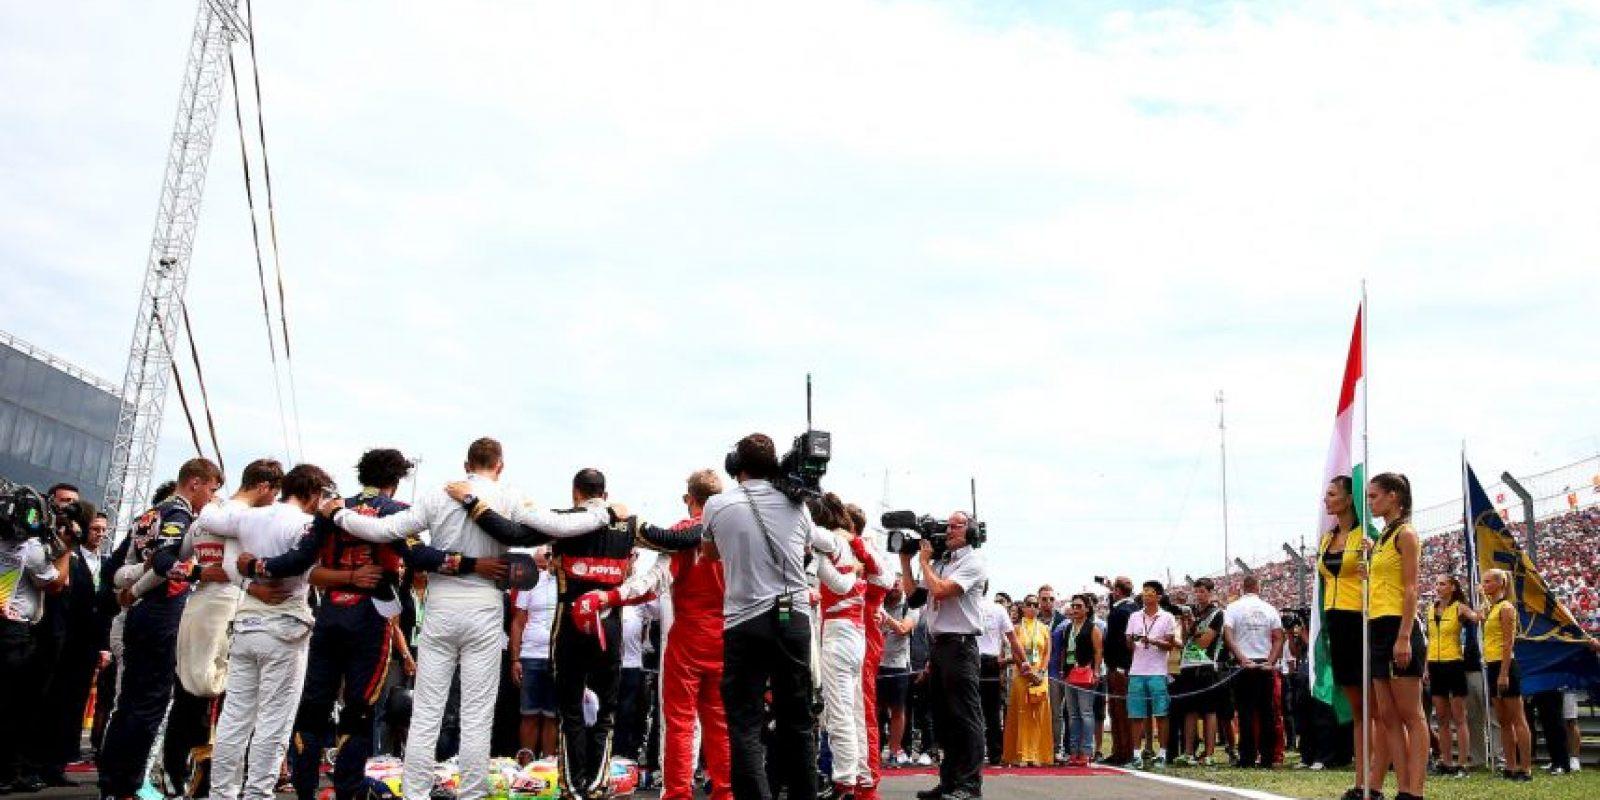 Los pilotos se fundieron en un abrazo durante un minuto de silencio en honor de Bianchi. Foto:Getty Images